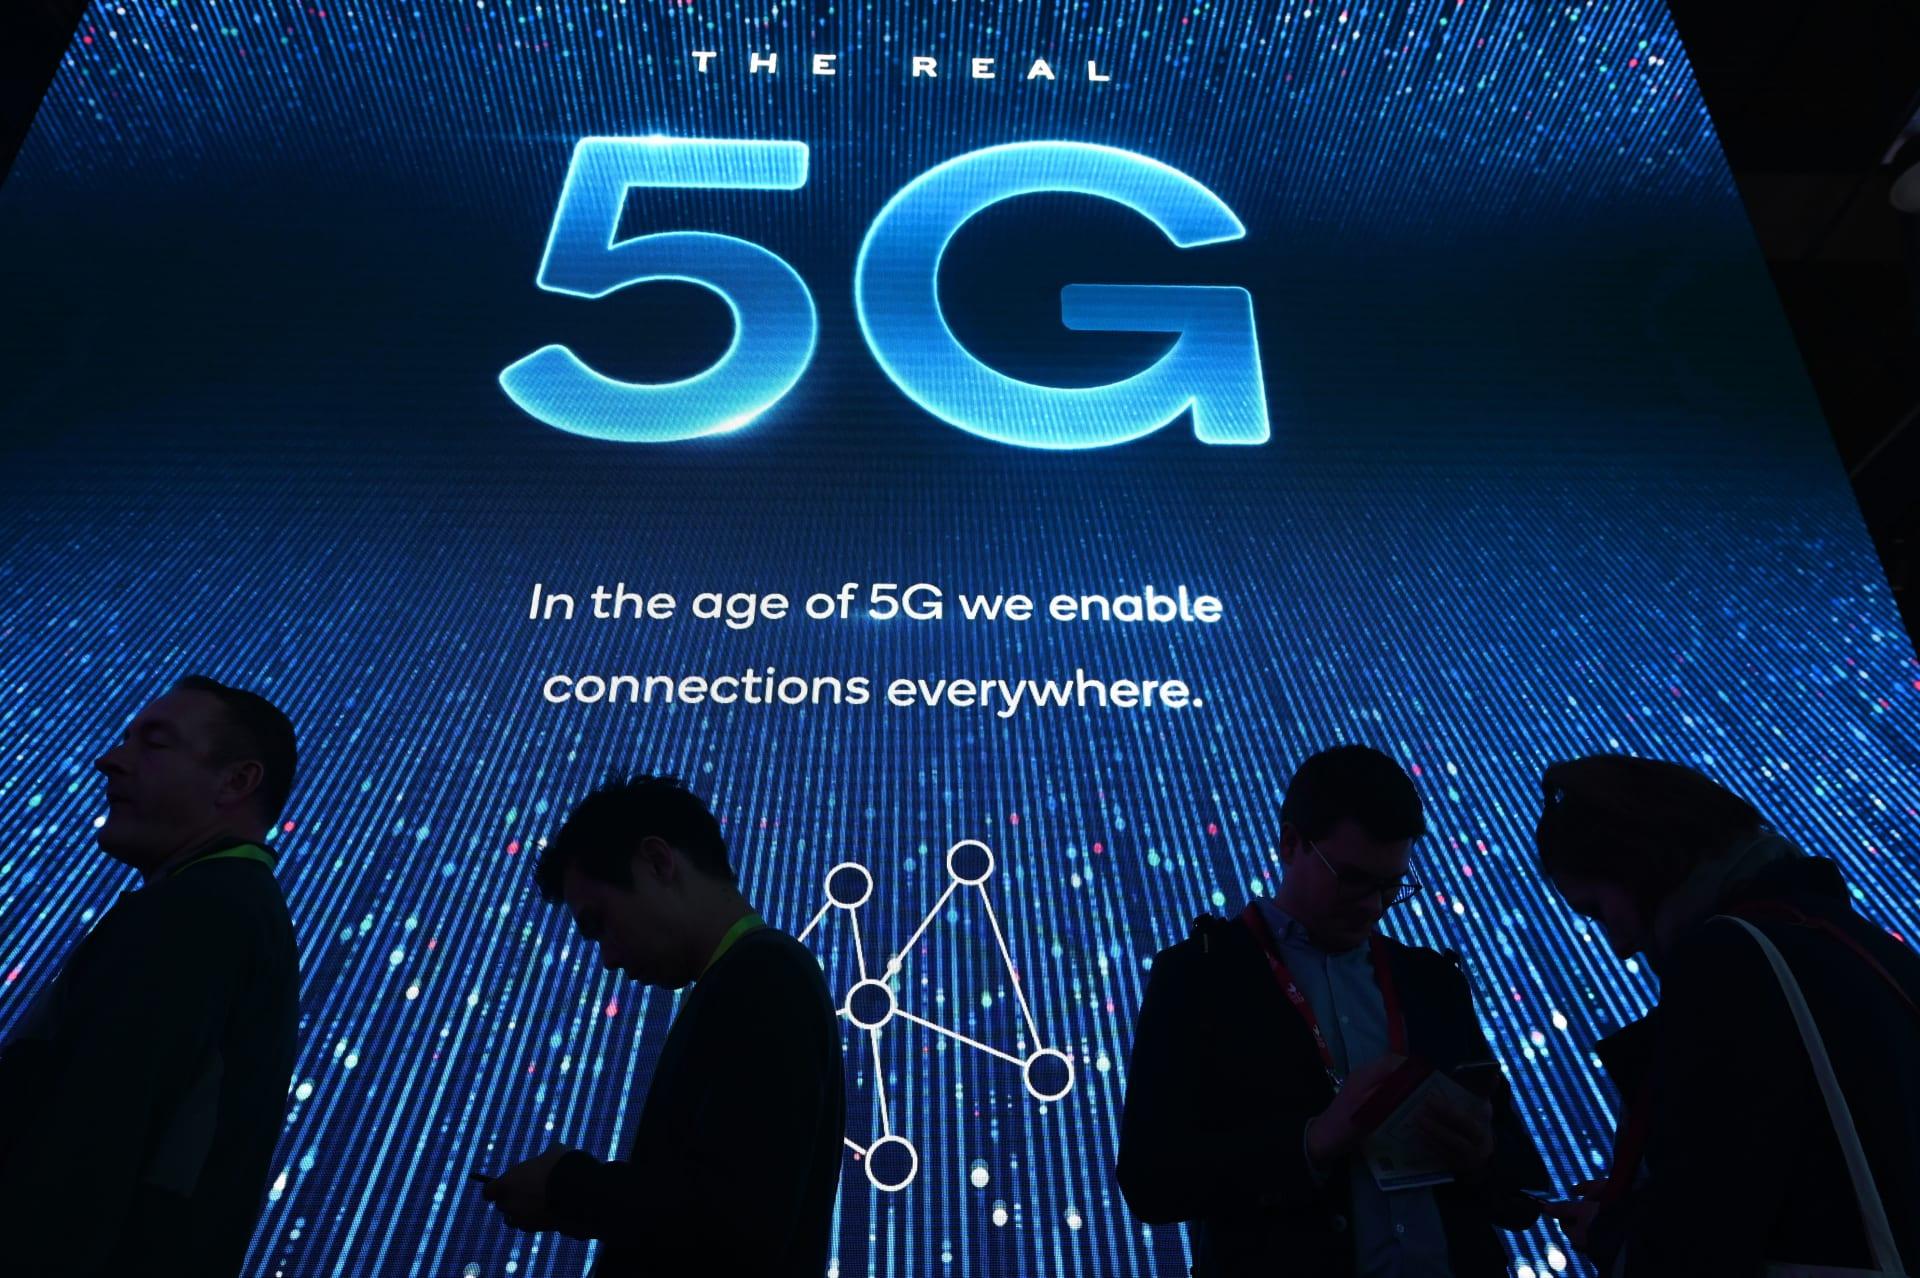 تكنولوجيا الجيل الخامس شريان الحياة للاقتصاد الجديد